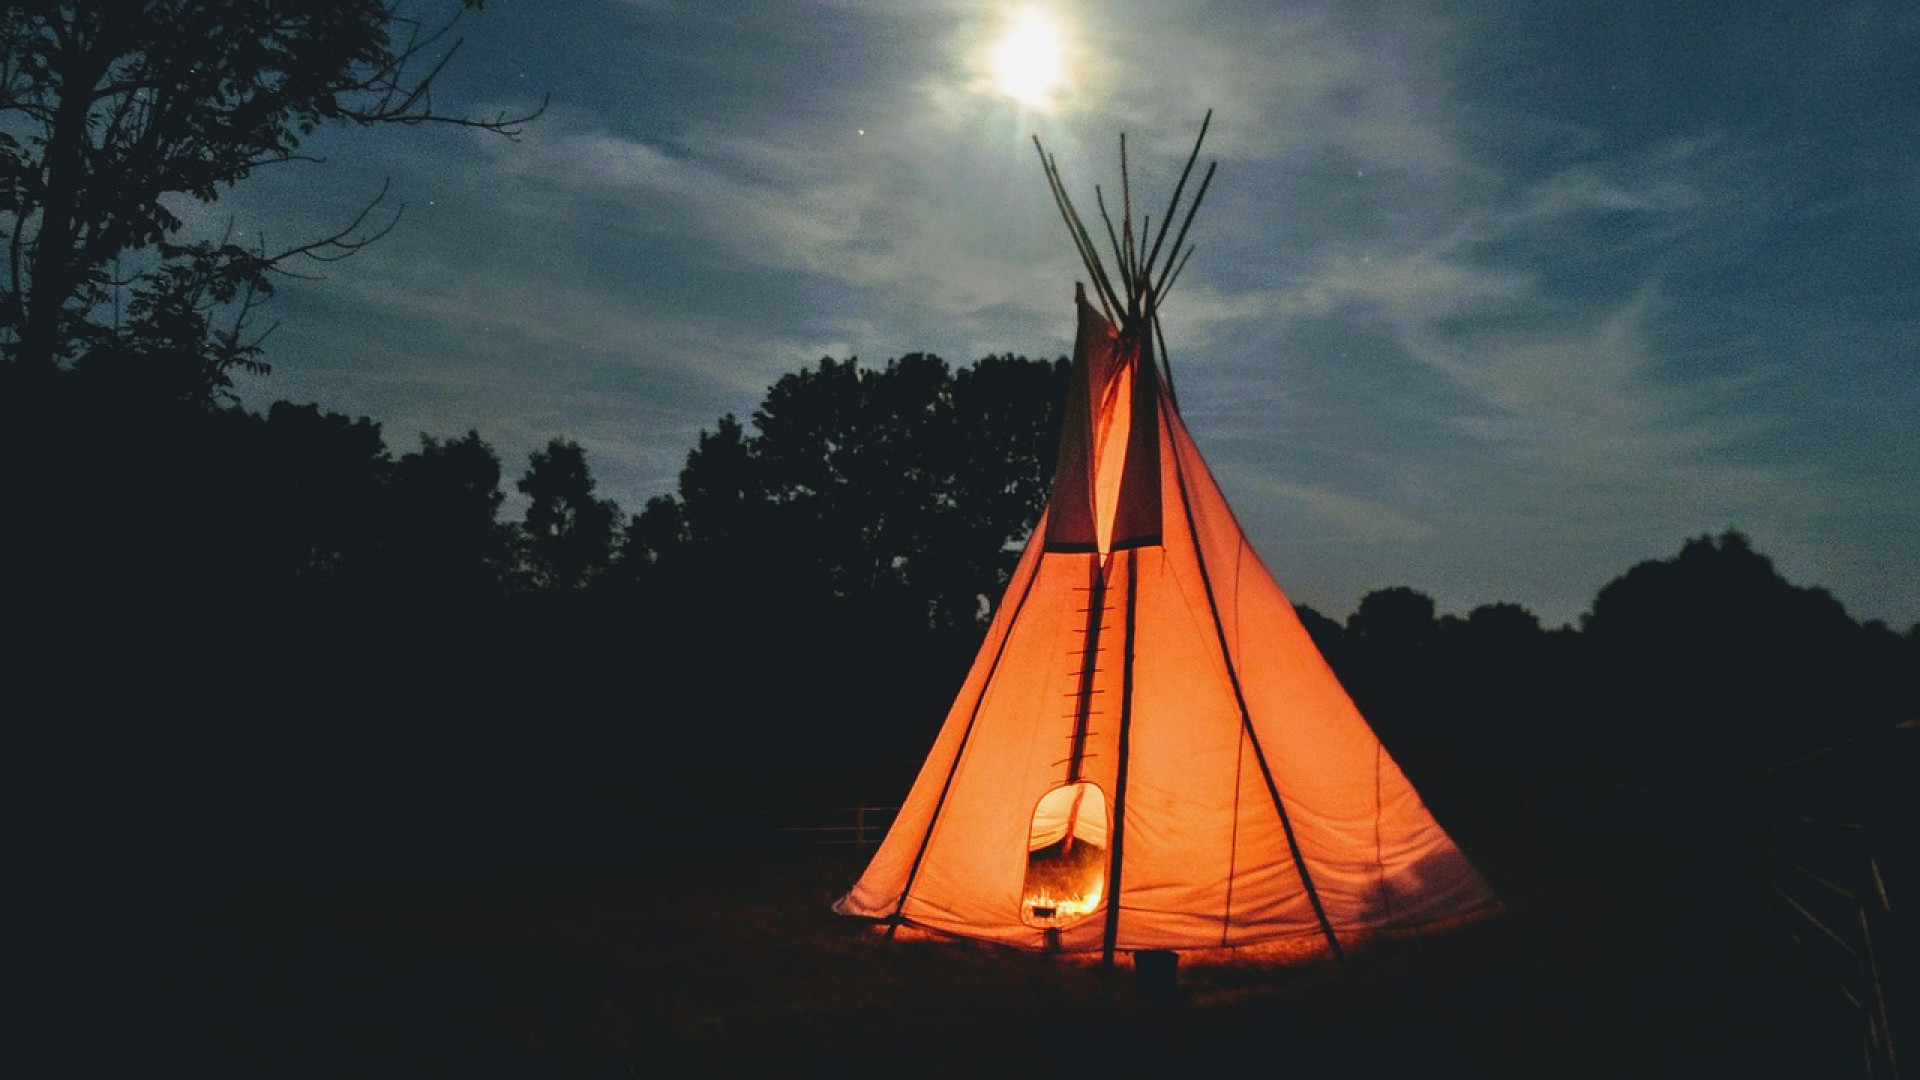 Un camping au coeur d'un environnement naturel